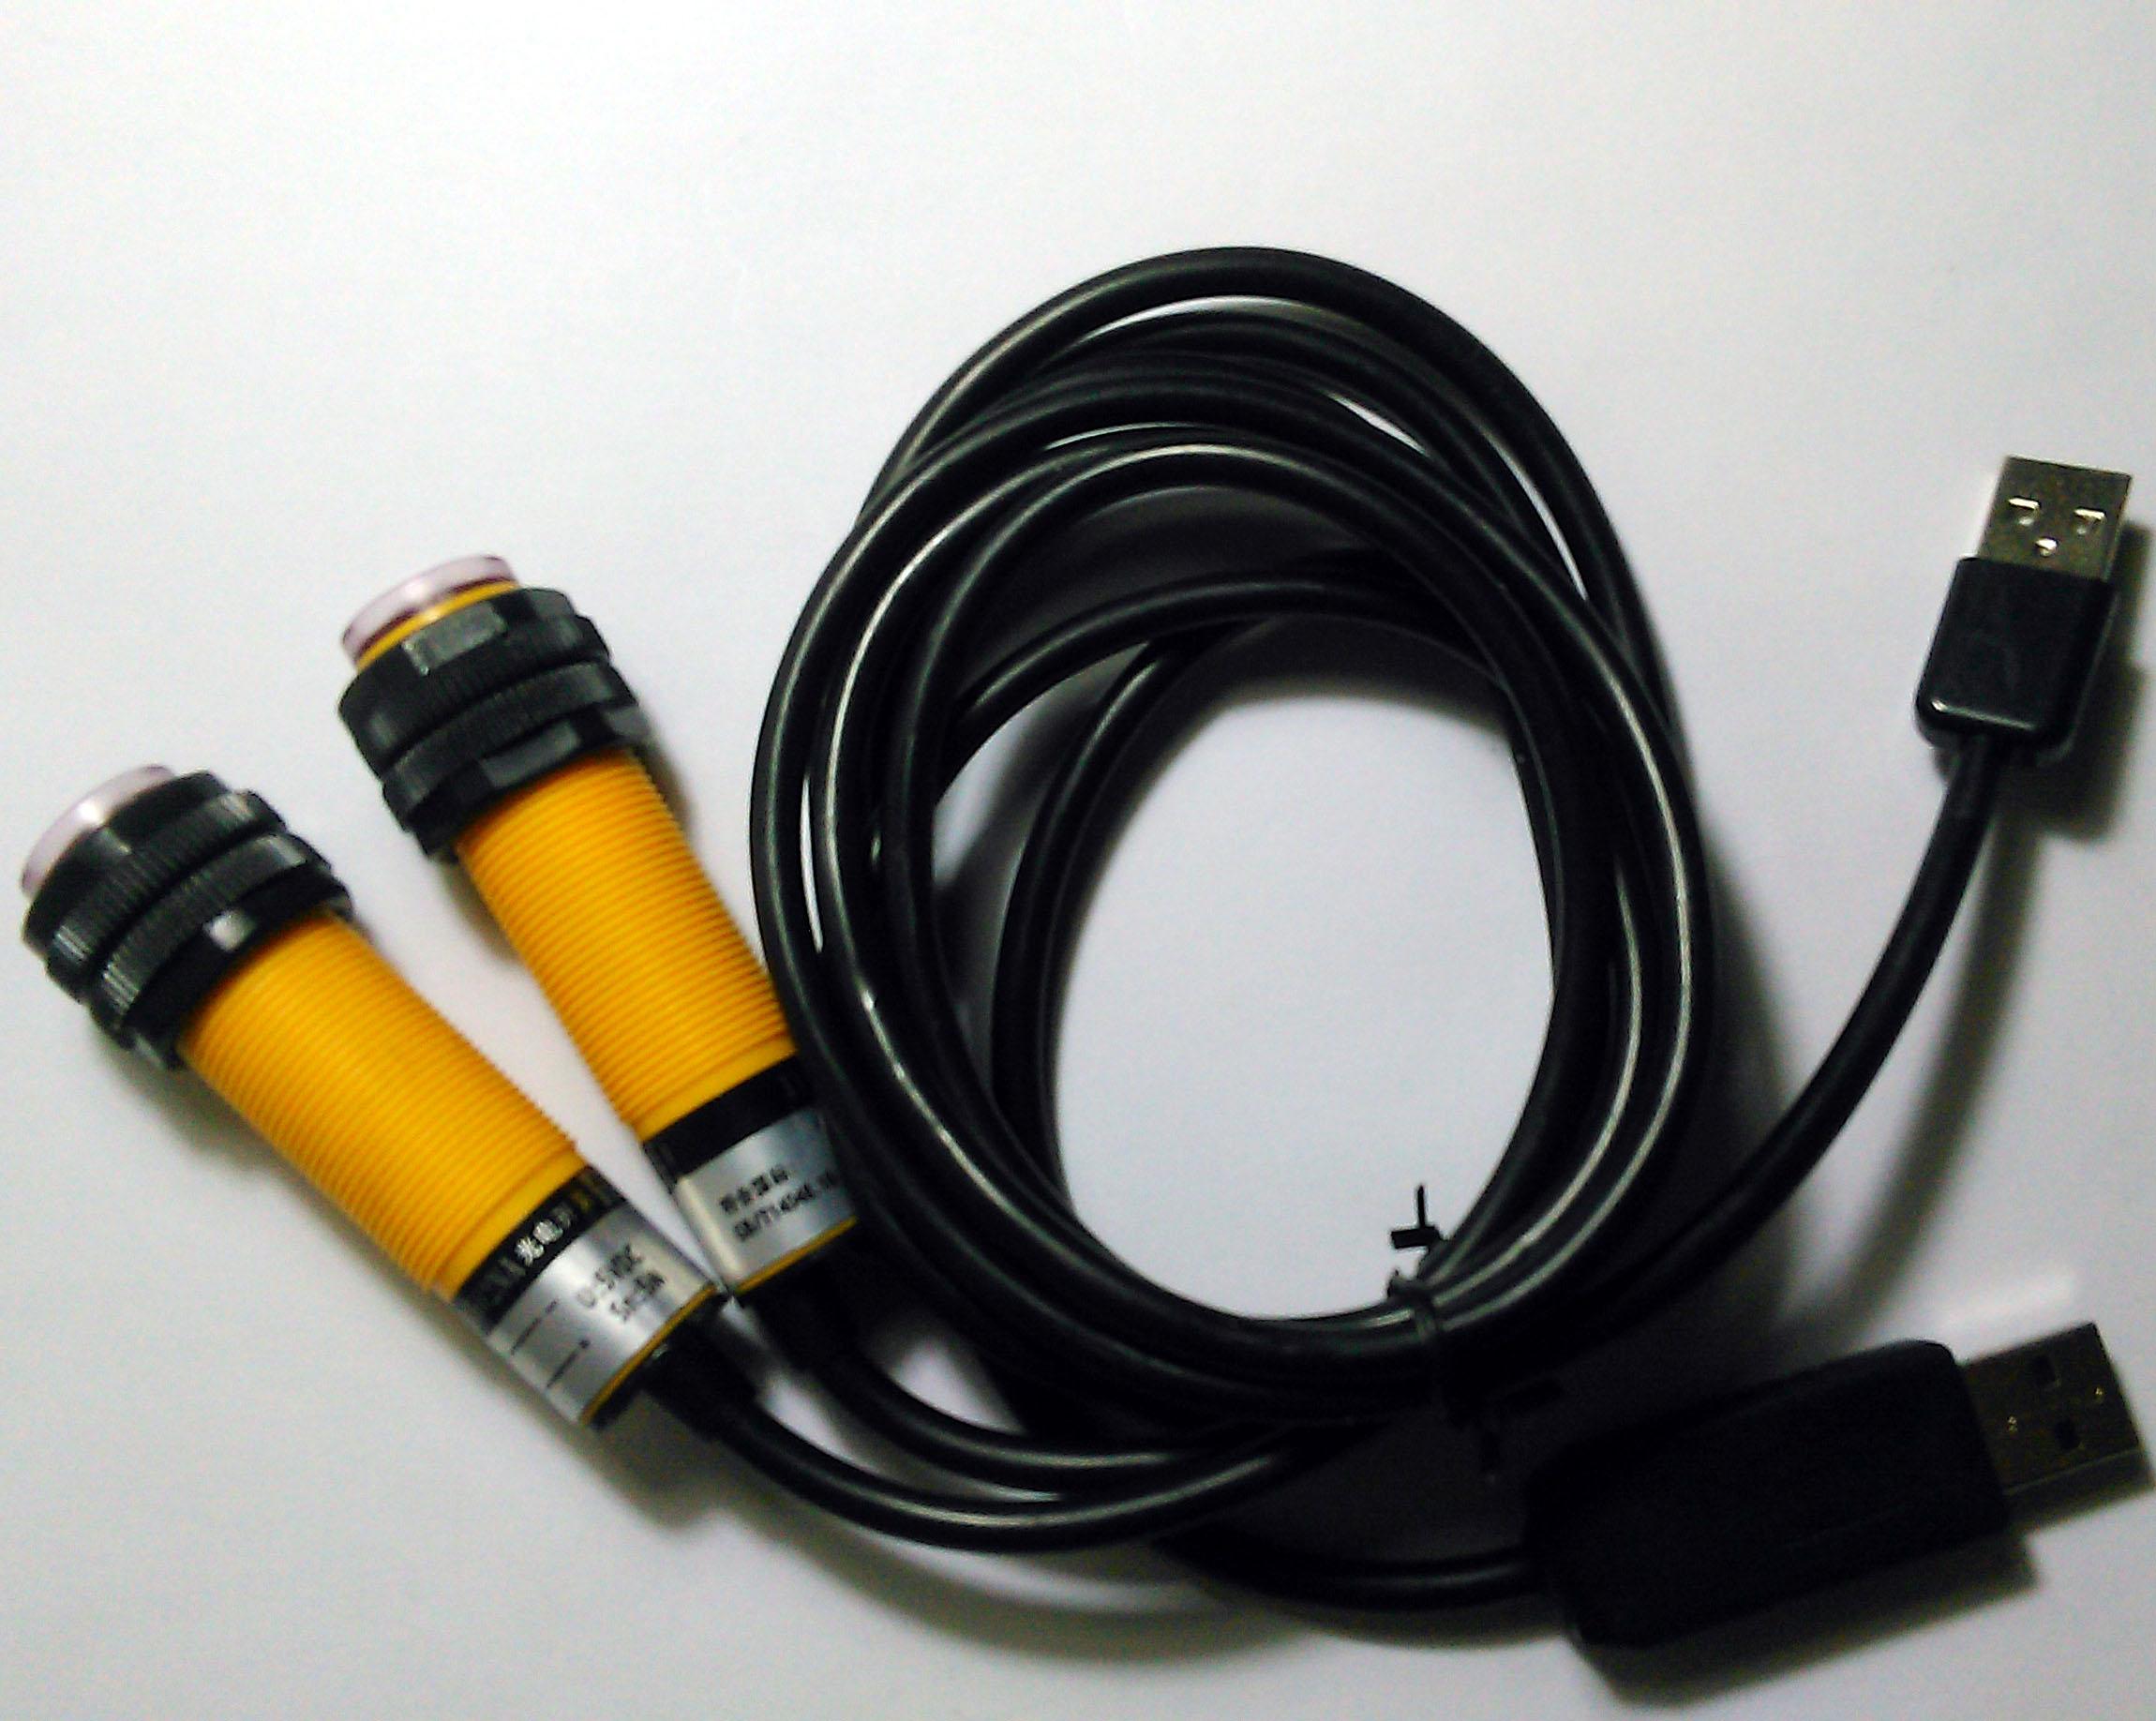 التبديل الكهروضوئية USB ، من خلال نوع شعاع ، قياس المسافة 5-10 متر ، لوحة مفاتيح بمنفذ USB مضاهاة ، التنمية الثانوية